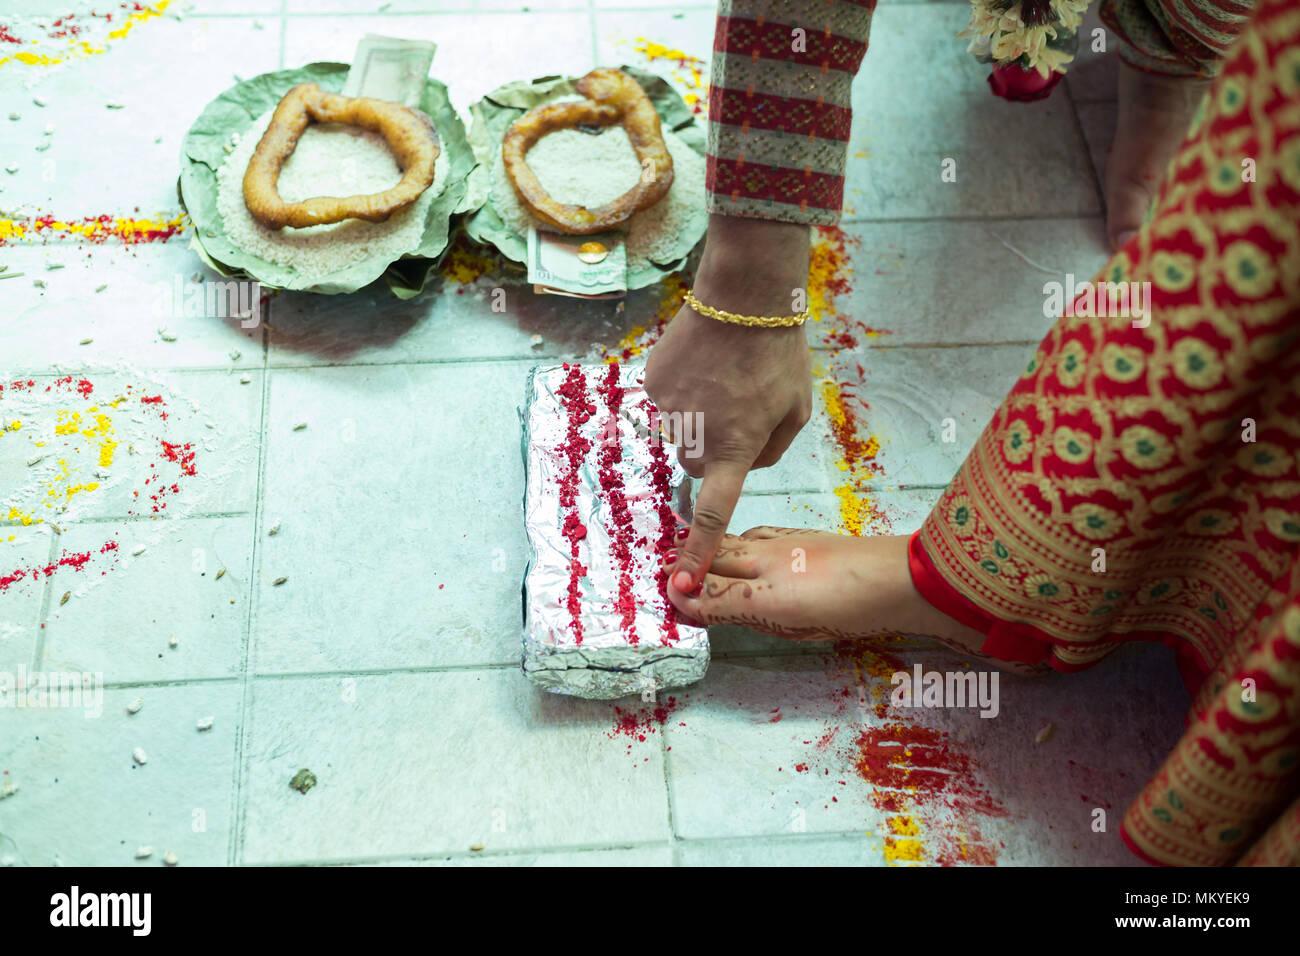 Nepalesische Braut Und Brautigam Die Hinduistischen Hochzeit Rituale